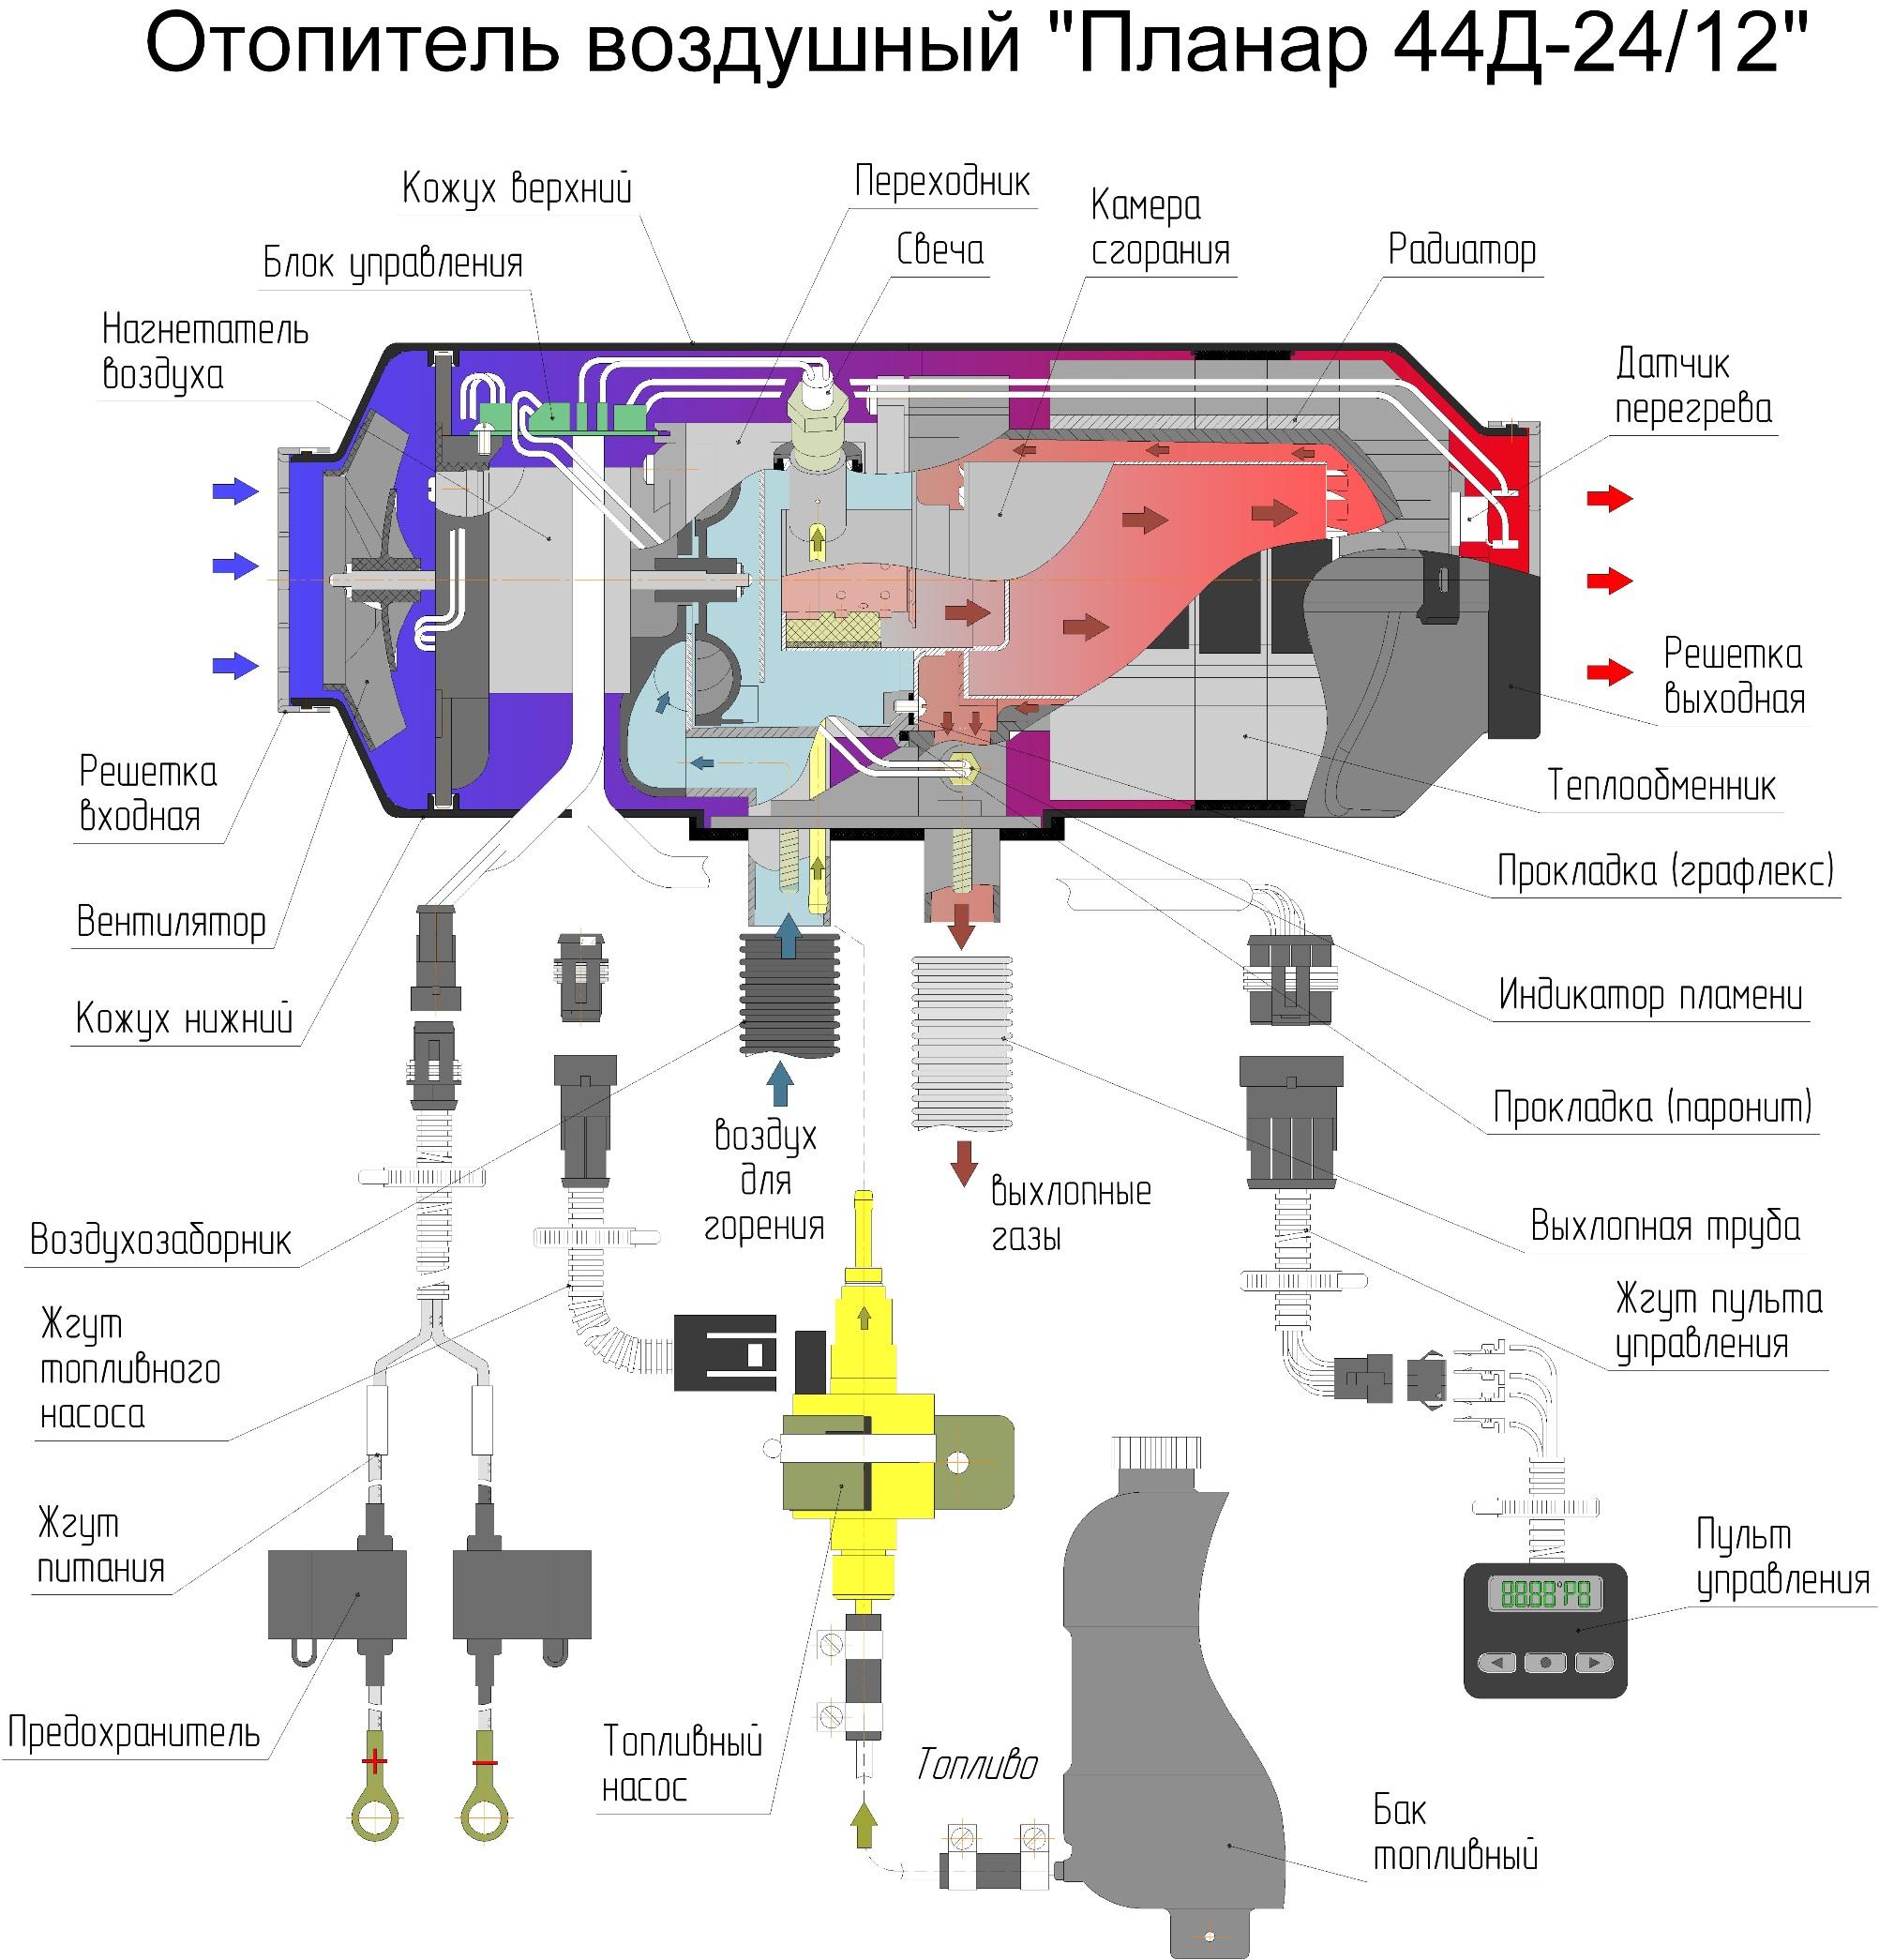 подогреватели теплостар ,для камаза схема монтажа